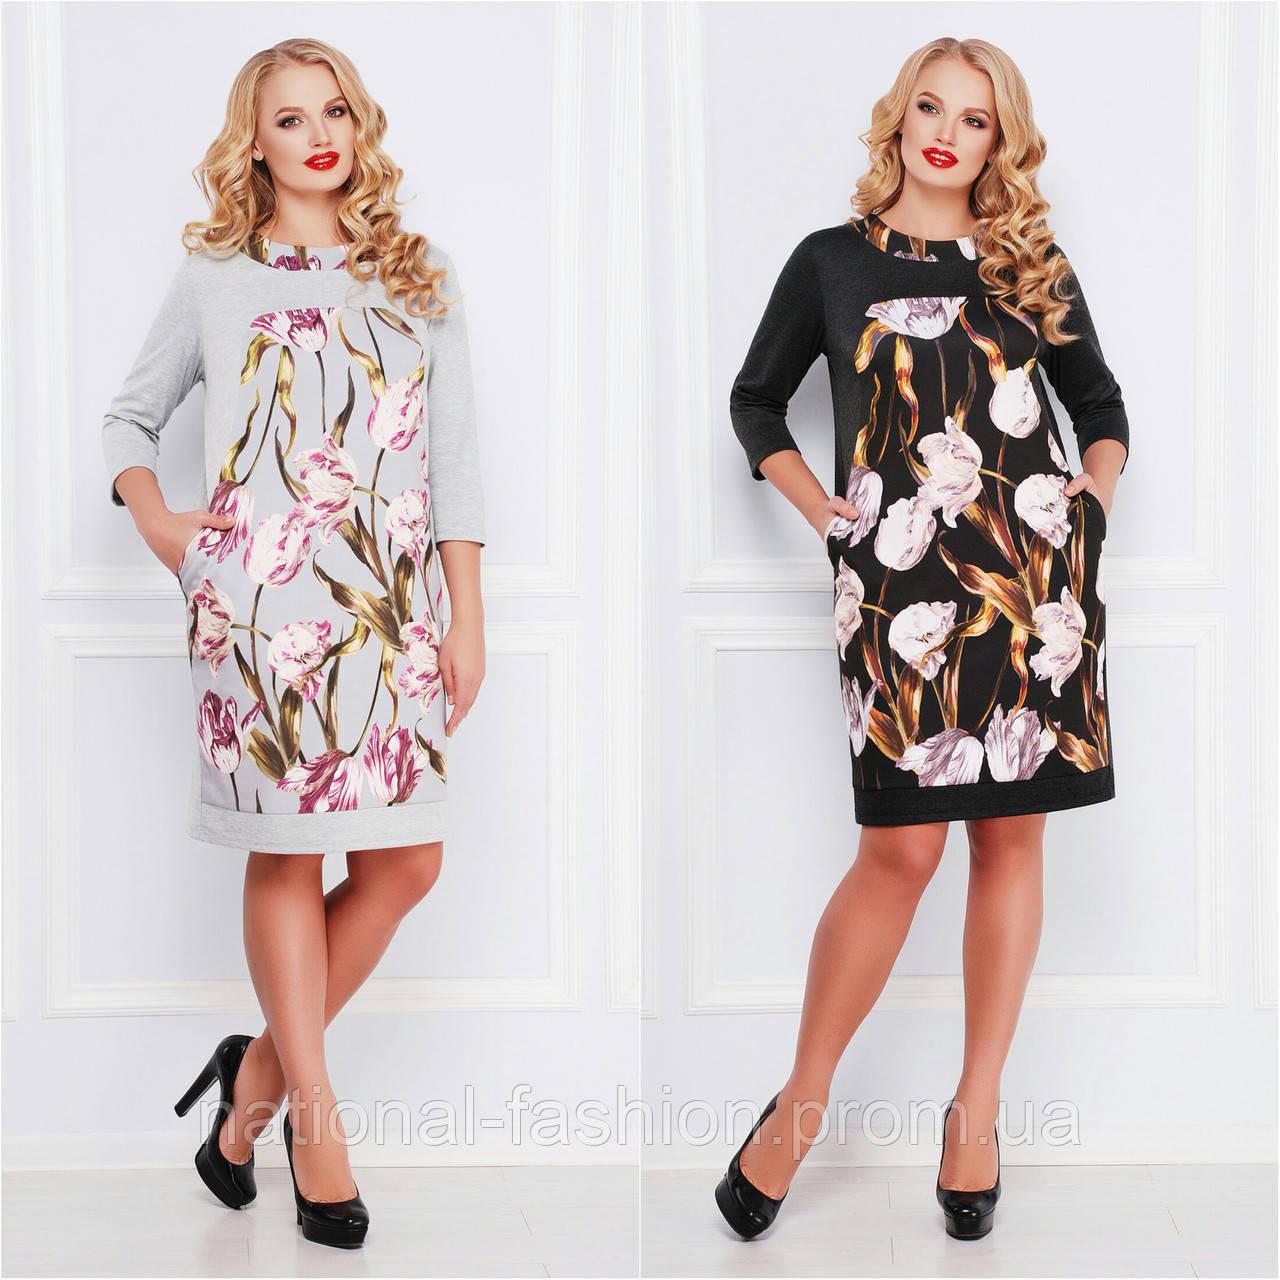 3a13459d185b7b2 Трикотажное женское платье с карманами